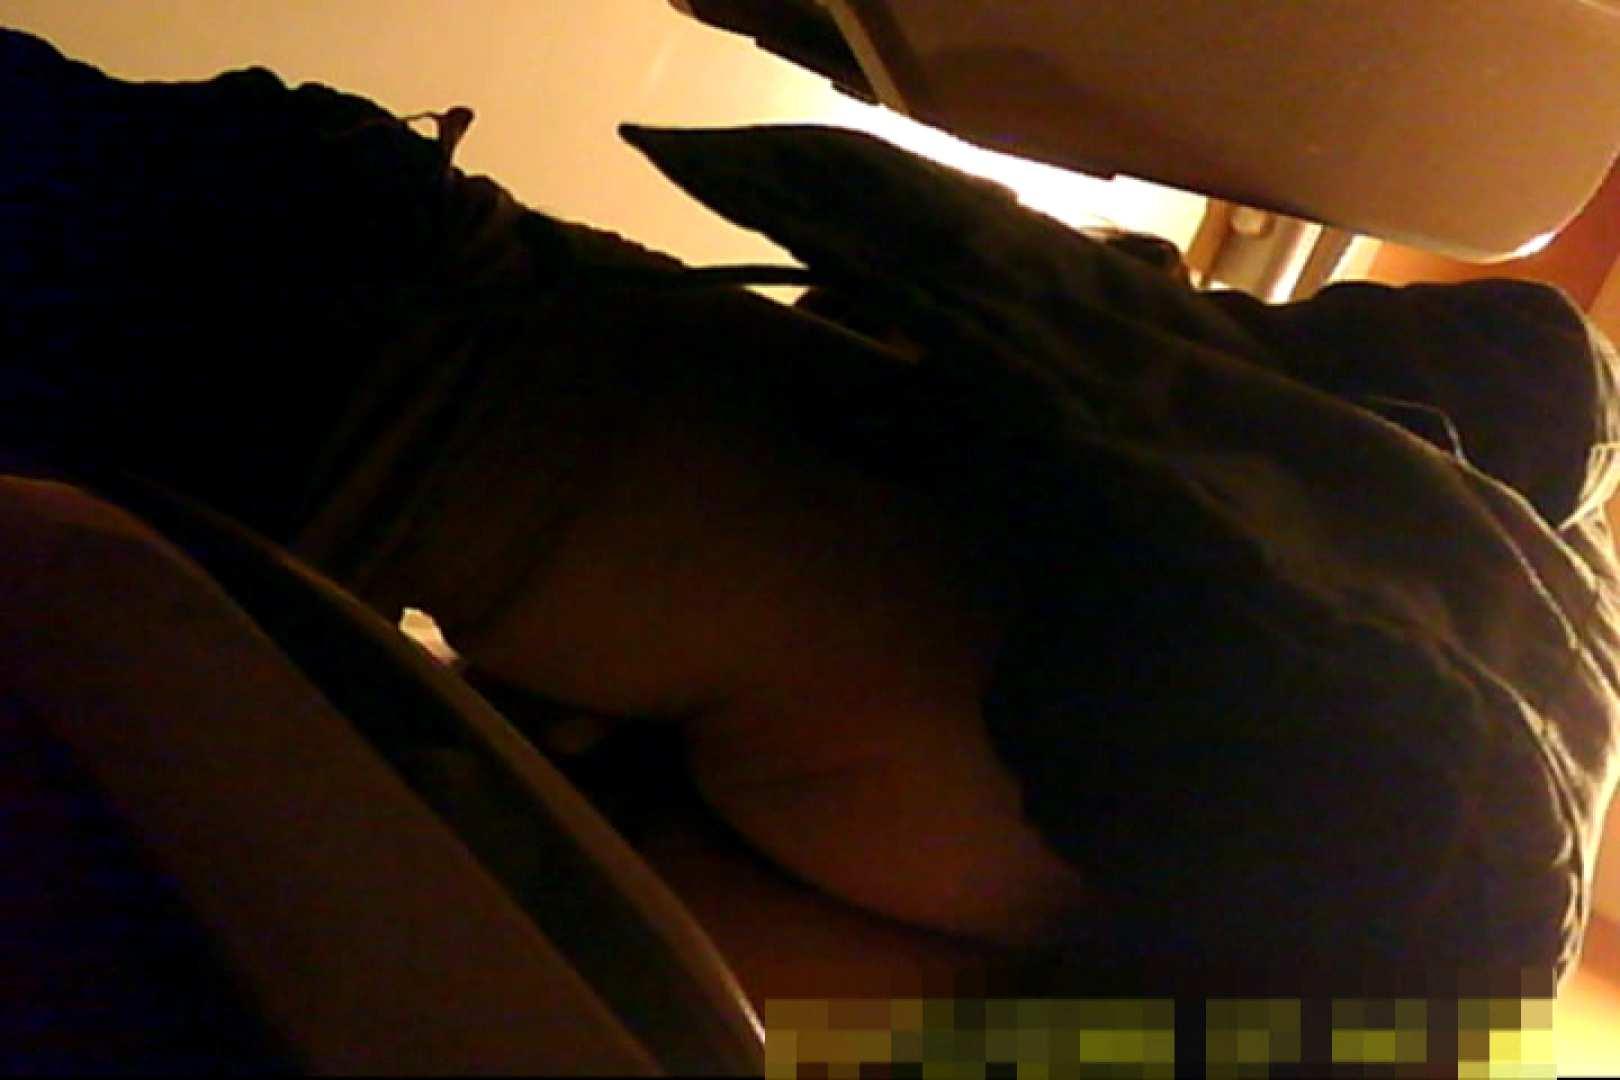 魅惑の化粧室~禁断のプライベート空間~vol.8 OL  111pic 5